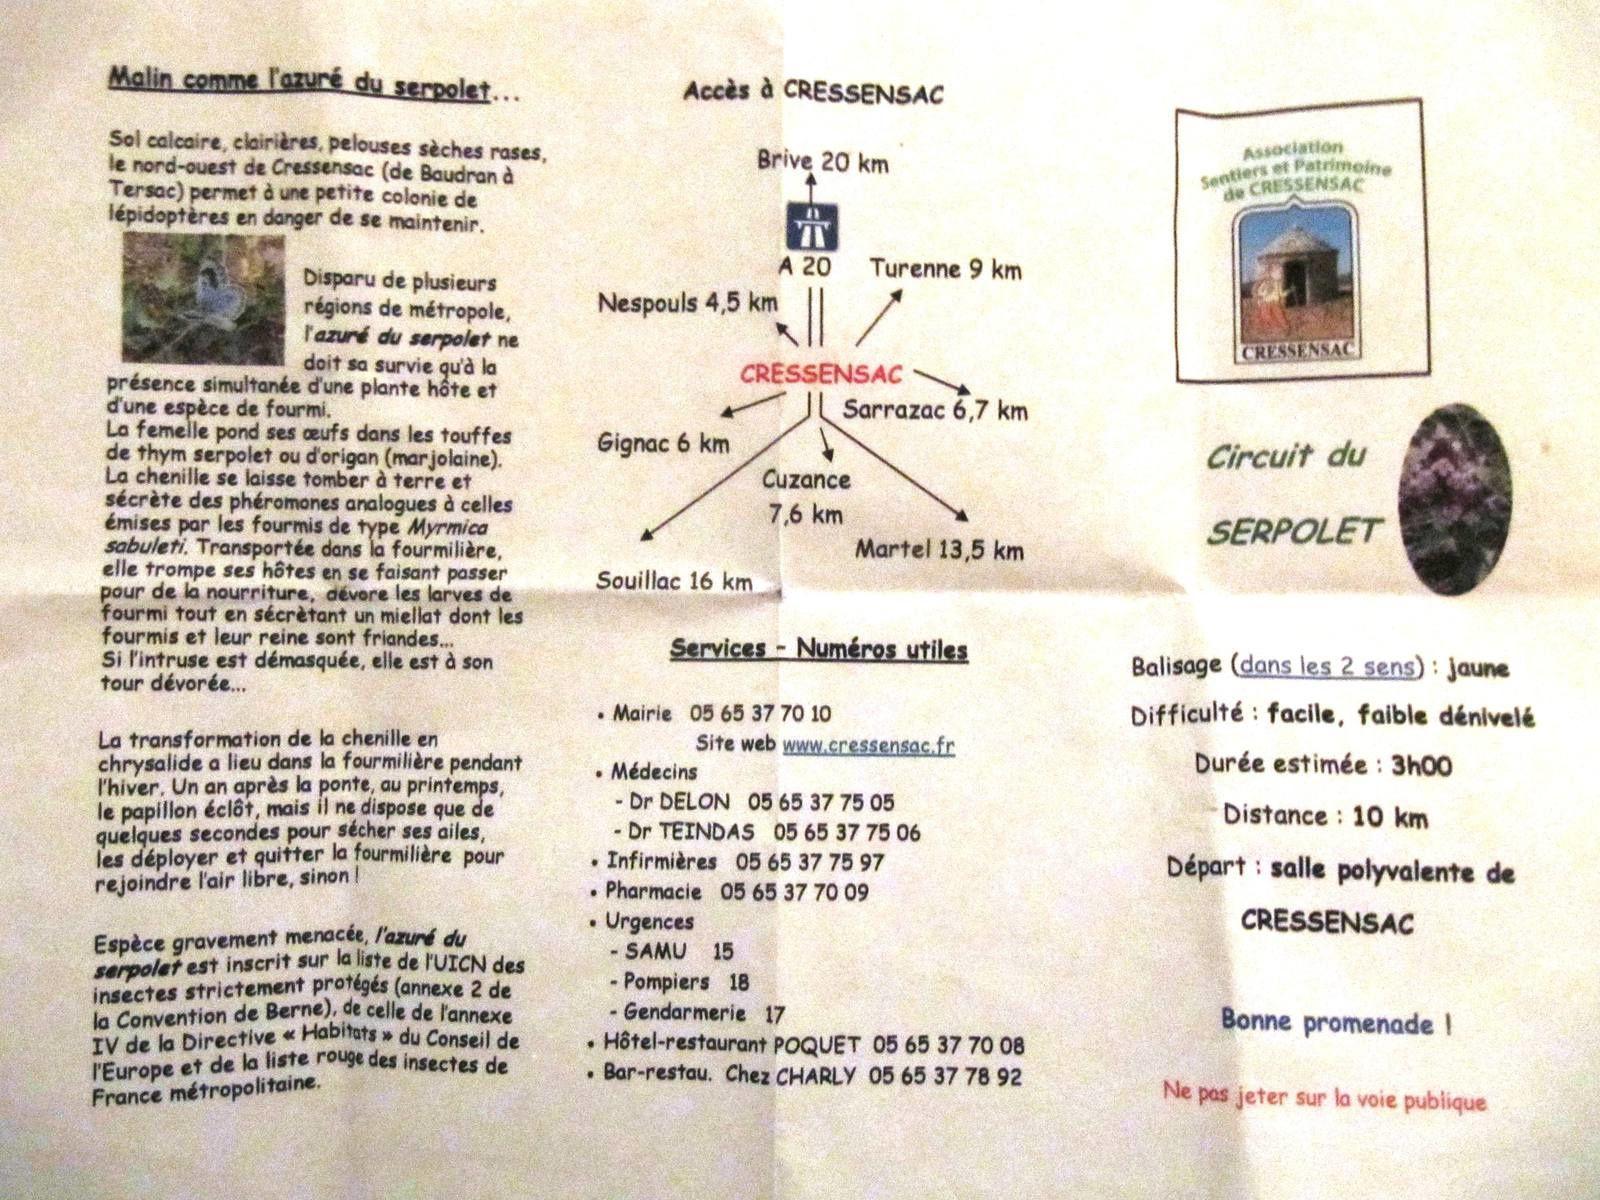 CRESSENSAC, le circuit du SERPOLET, 02/01/2016